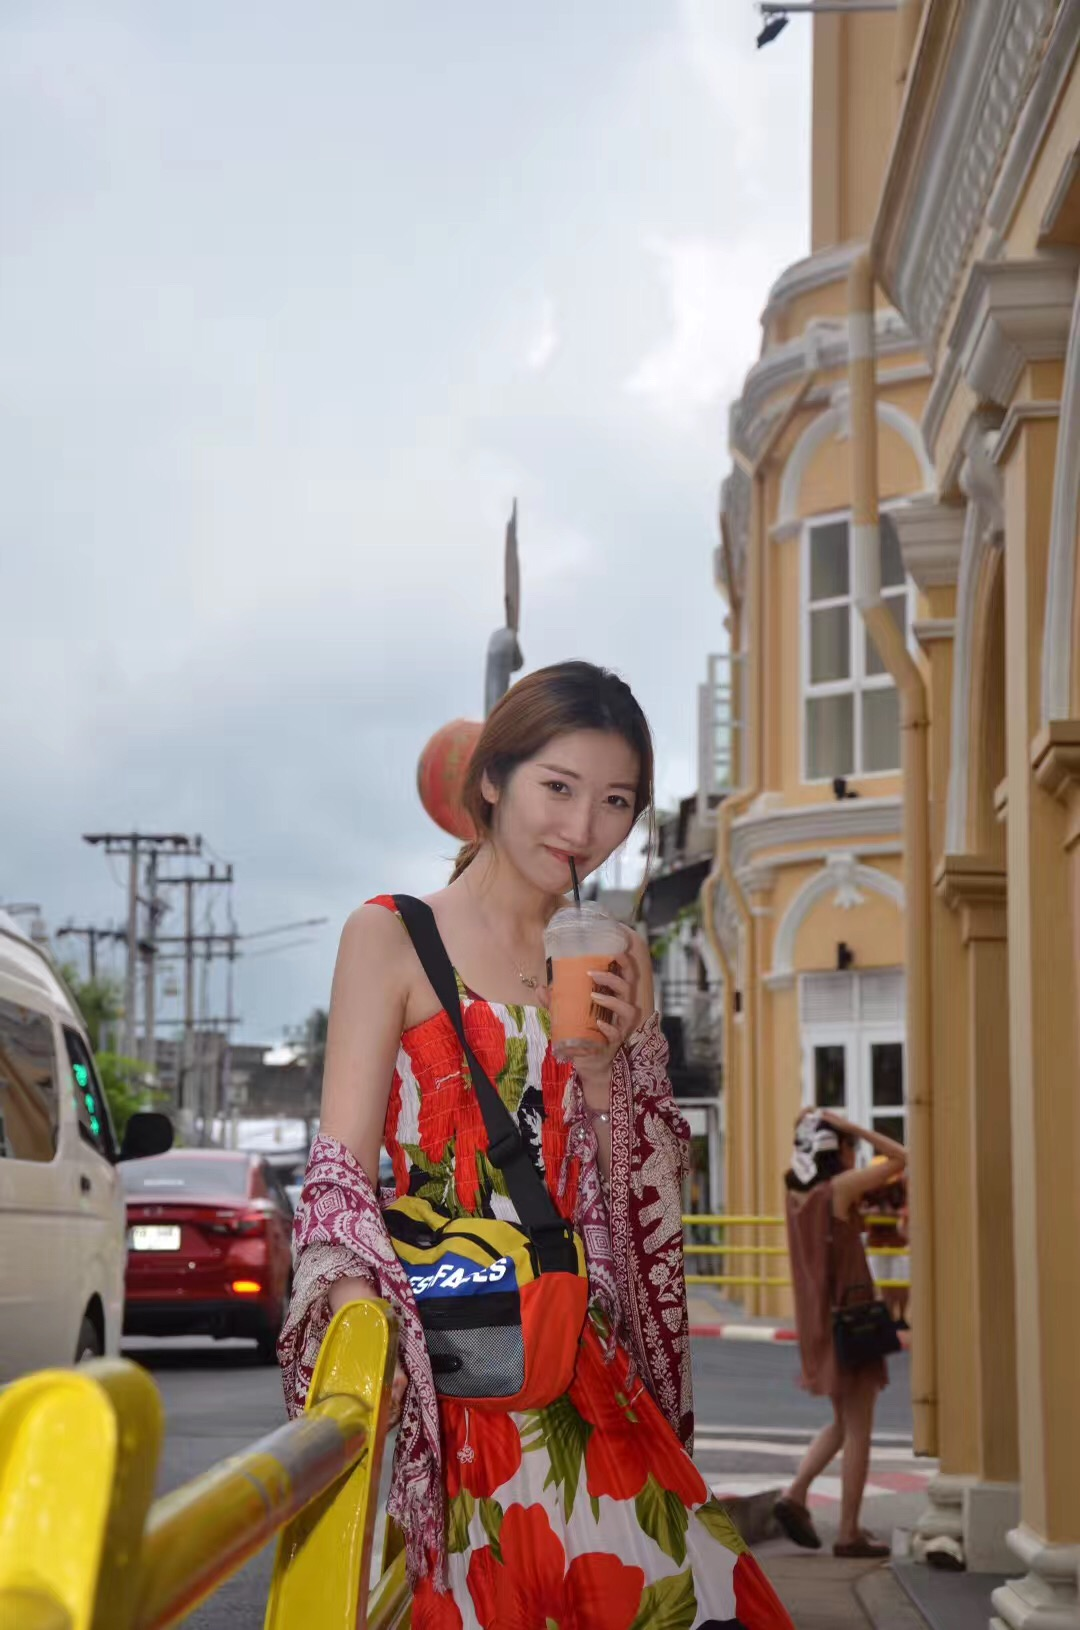 Phuket + Similan 9 days free tour